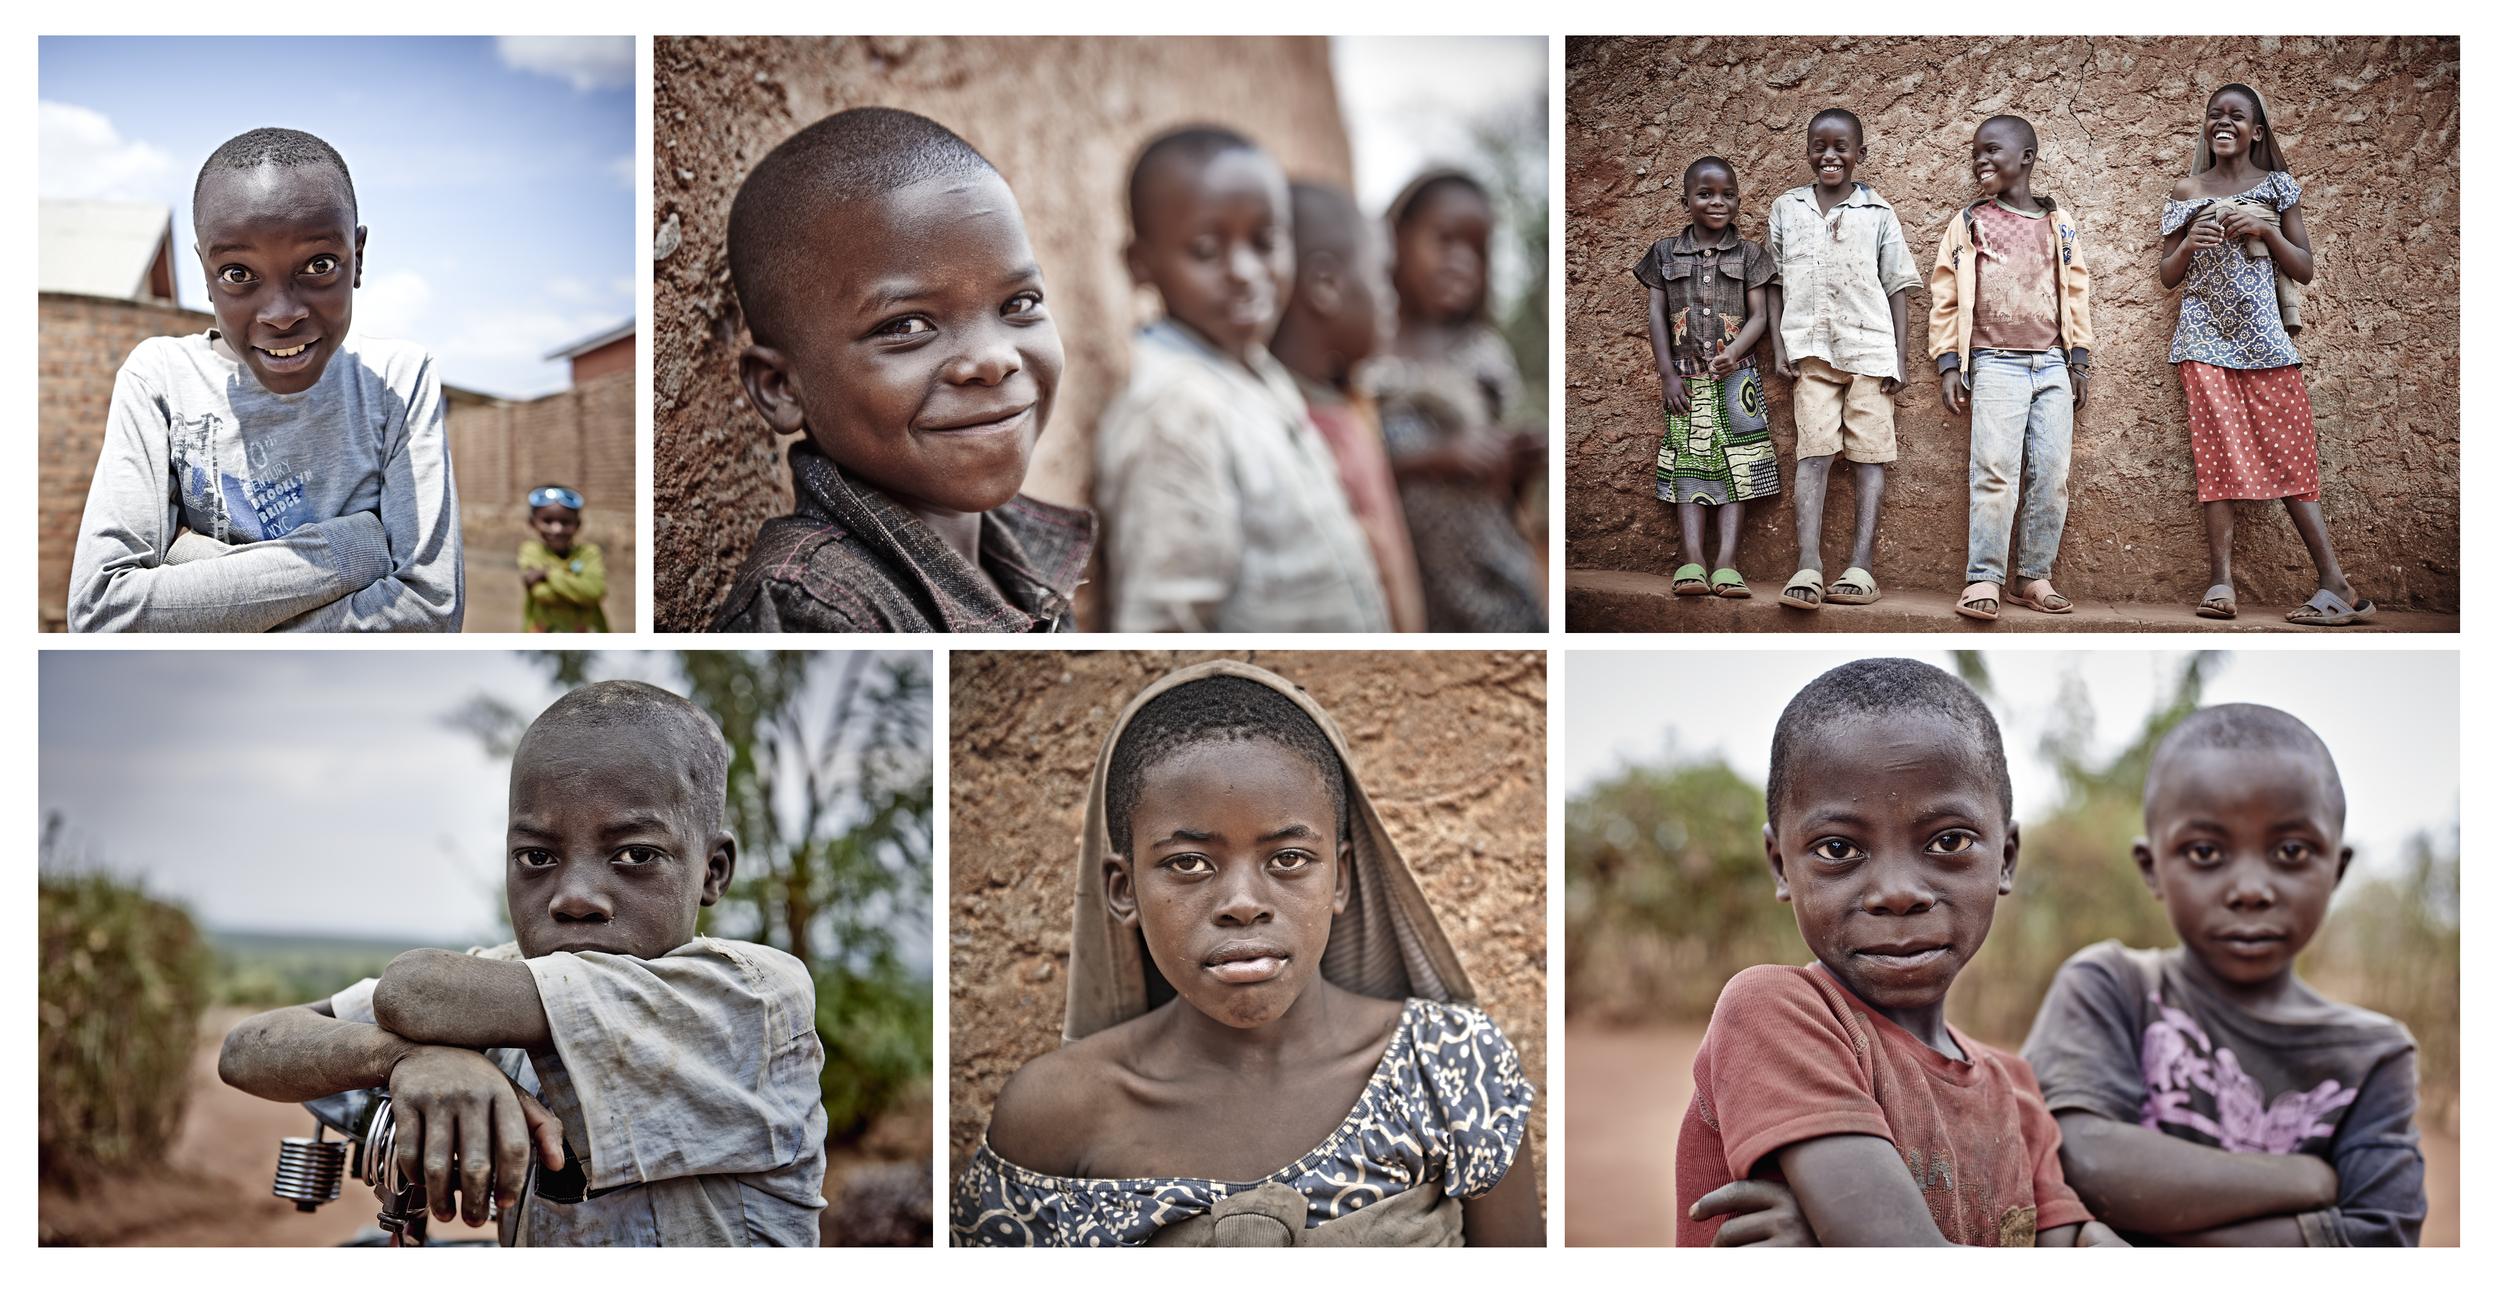 Kids of Ruanda